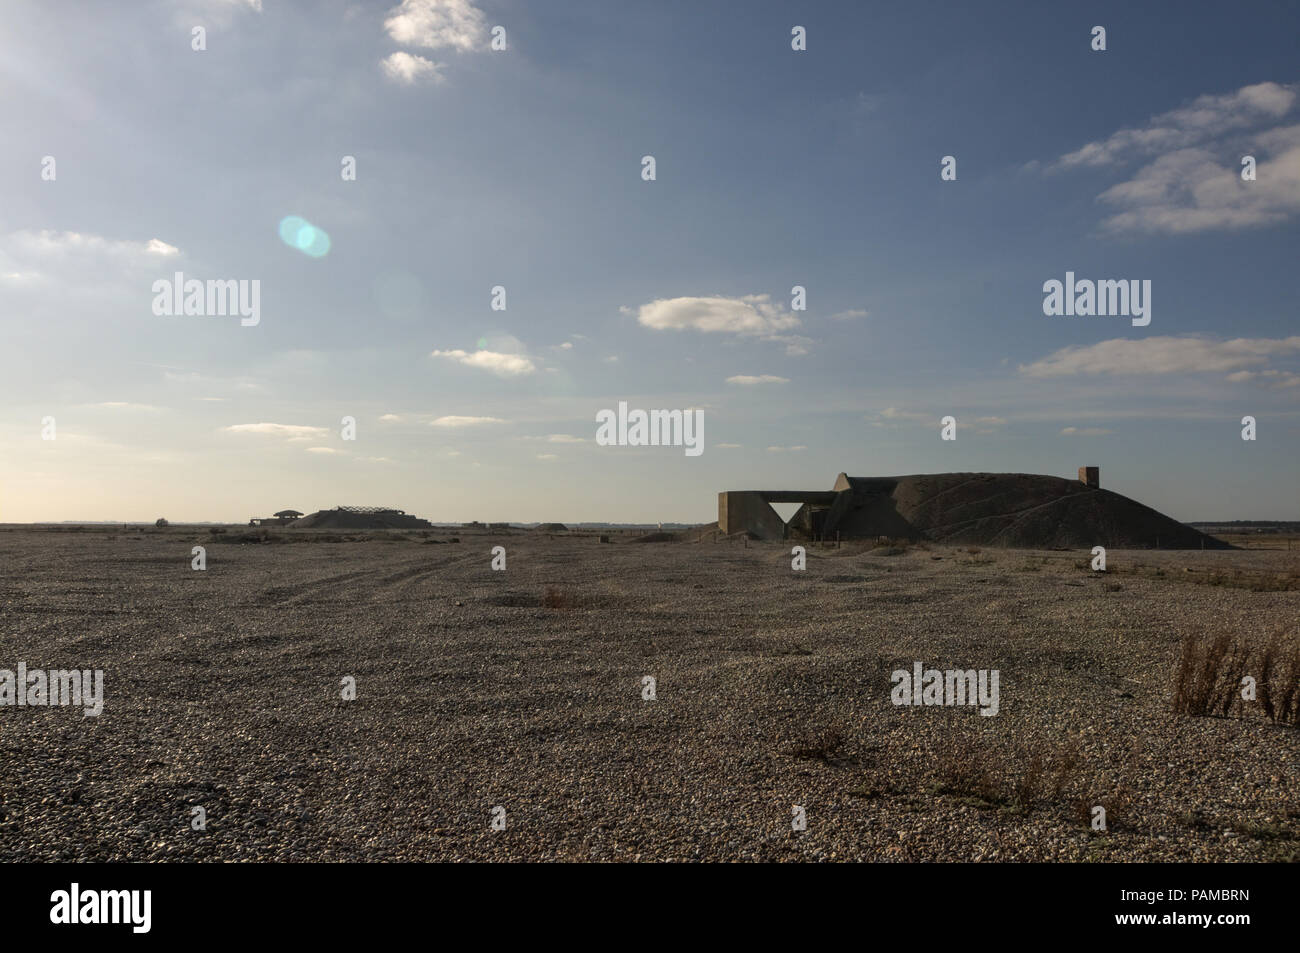 Orford Ness, Suffolk UK. 14. Oktober 2011. Die Atomic Weapons Research Establishment (ADO) von Orford Ness in Suffolk, England. Es wurde benutzt, um vom Ersten Weltkrieg bis zum Kalten Krieg zu testen. Die Pagode ist konzipiert waren, Großbritanniens erste Atombombe zu testen, die Blaue Donau. Die Gebäude hatten konkrete Dächer, die mit Sand und Steinen, die zusammenbrechen, wenn eine Explosion stattfand, Abdeckung der wichtigsten Blast abgedeckt wurden. Zu keinem Zeitpunkt war ein nuklearsprengkopf während der Prüfung der atomaren Waffen in diesem Werk verwendet. Pic genommen 14/10/2011. Quelle: Michael Scott/Alamy leben Nachrichten Stockfoto